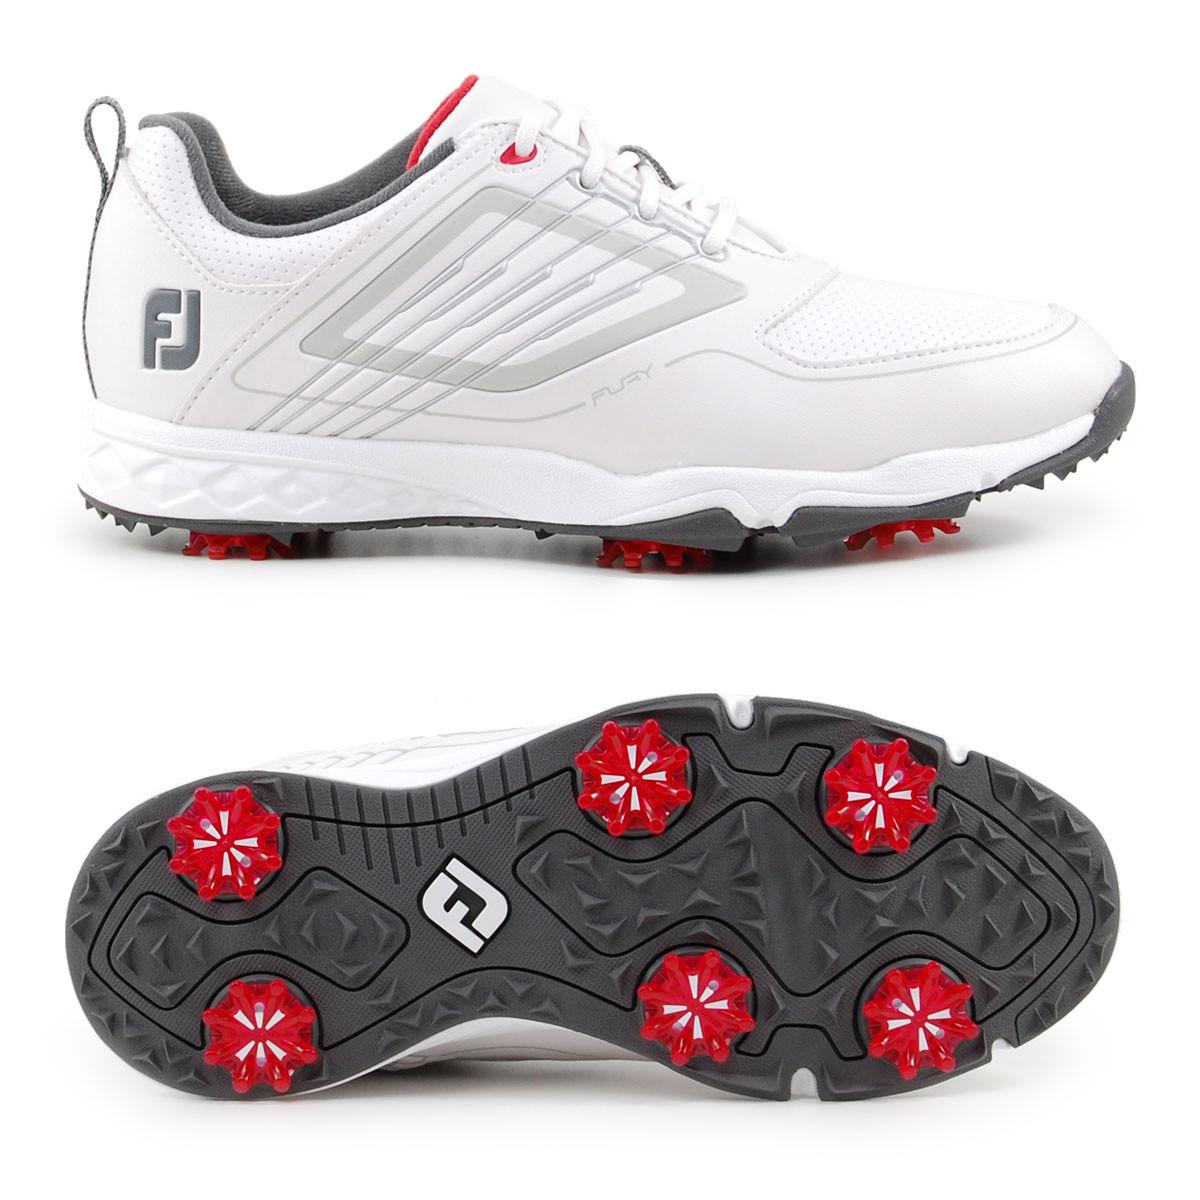 FootJoy Fury Junior Kinder Golfschuhe, Weiß / Silbergrau